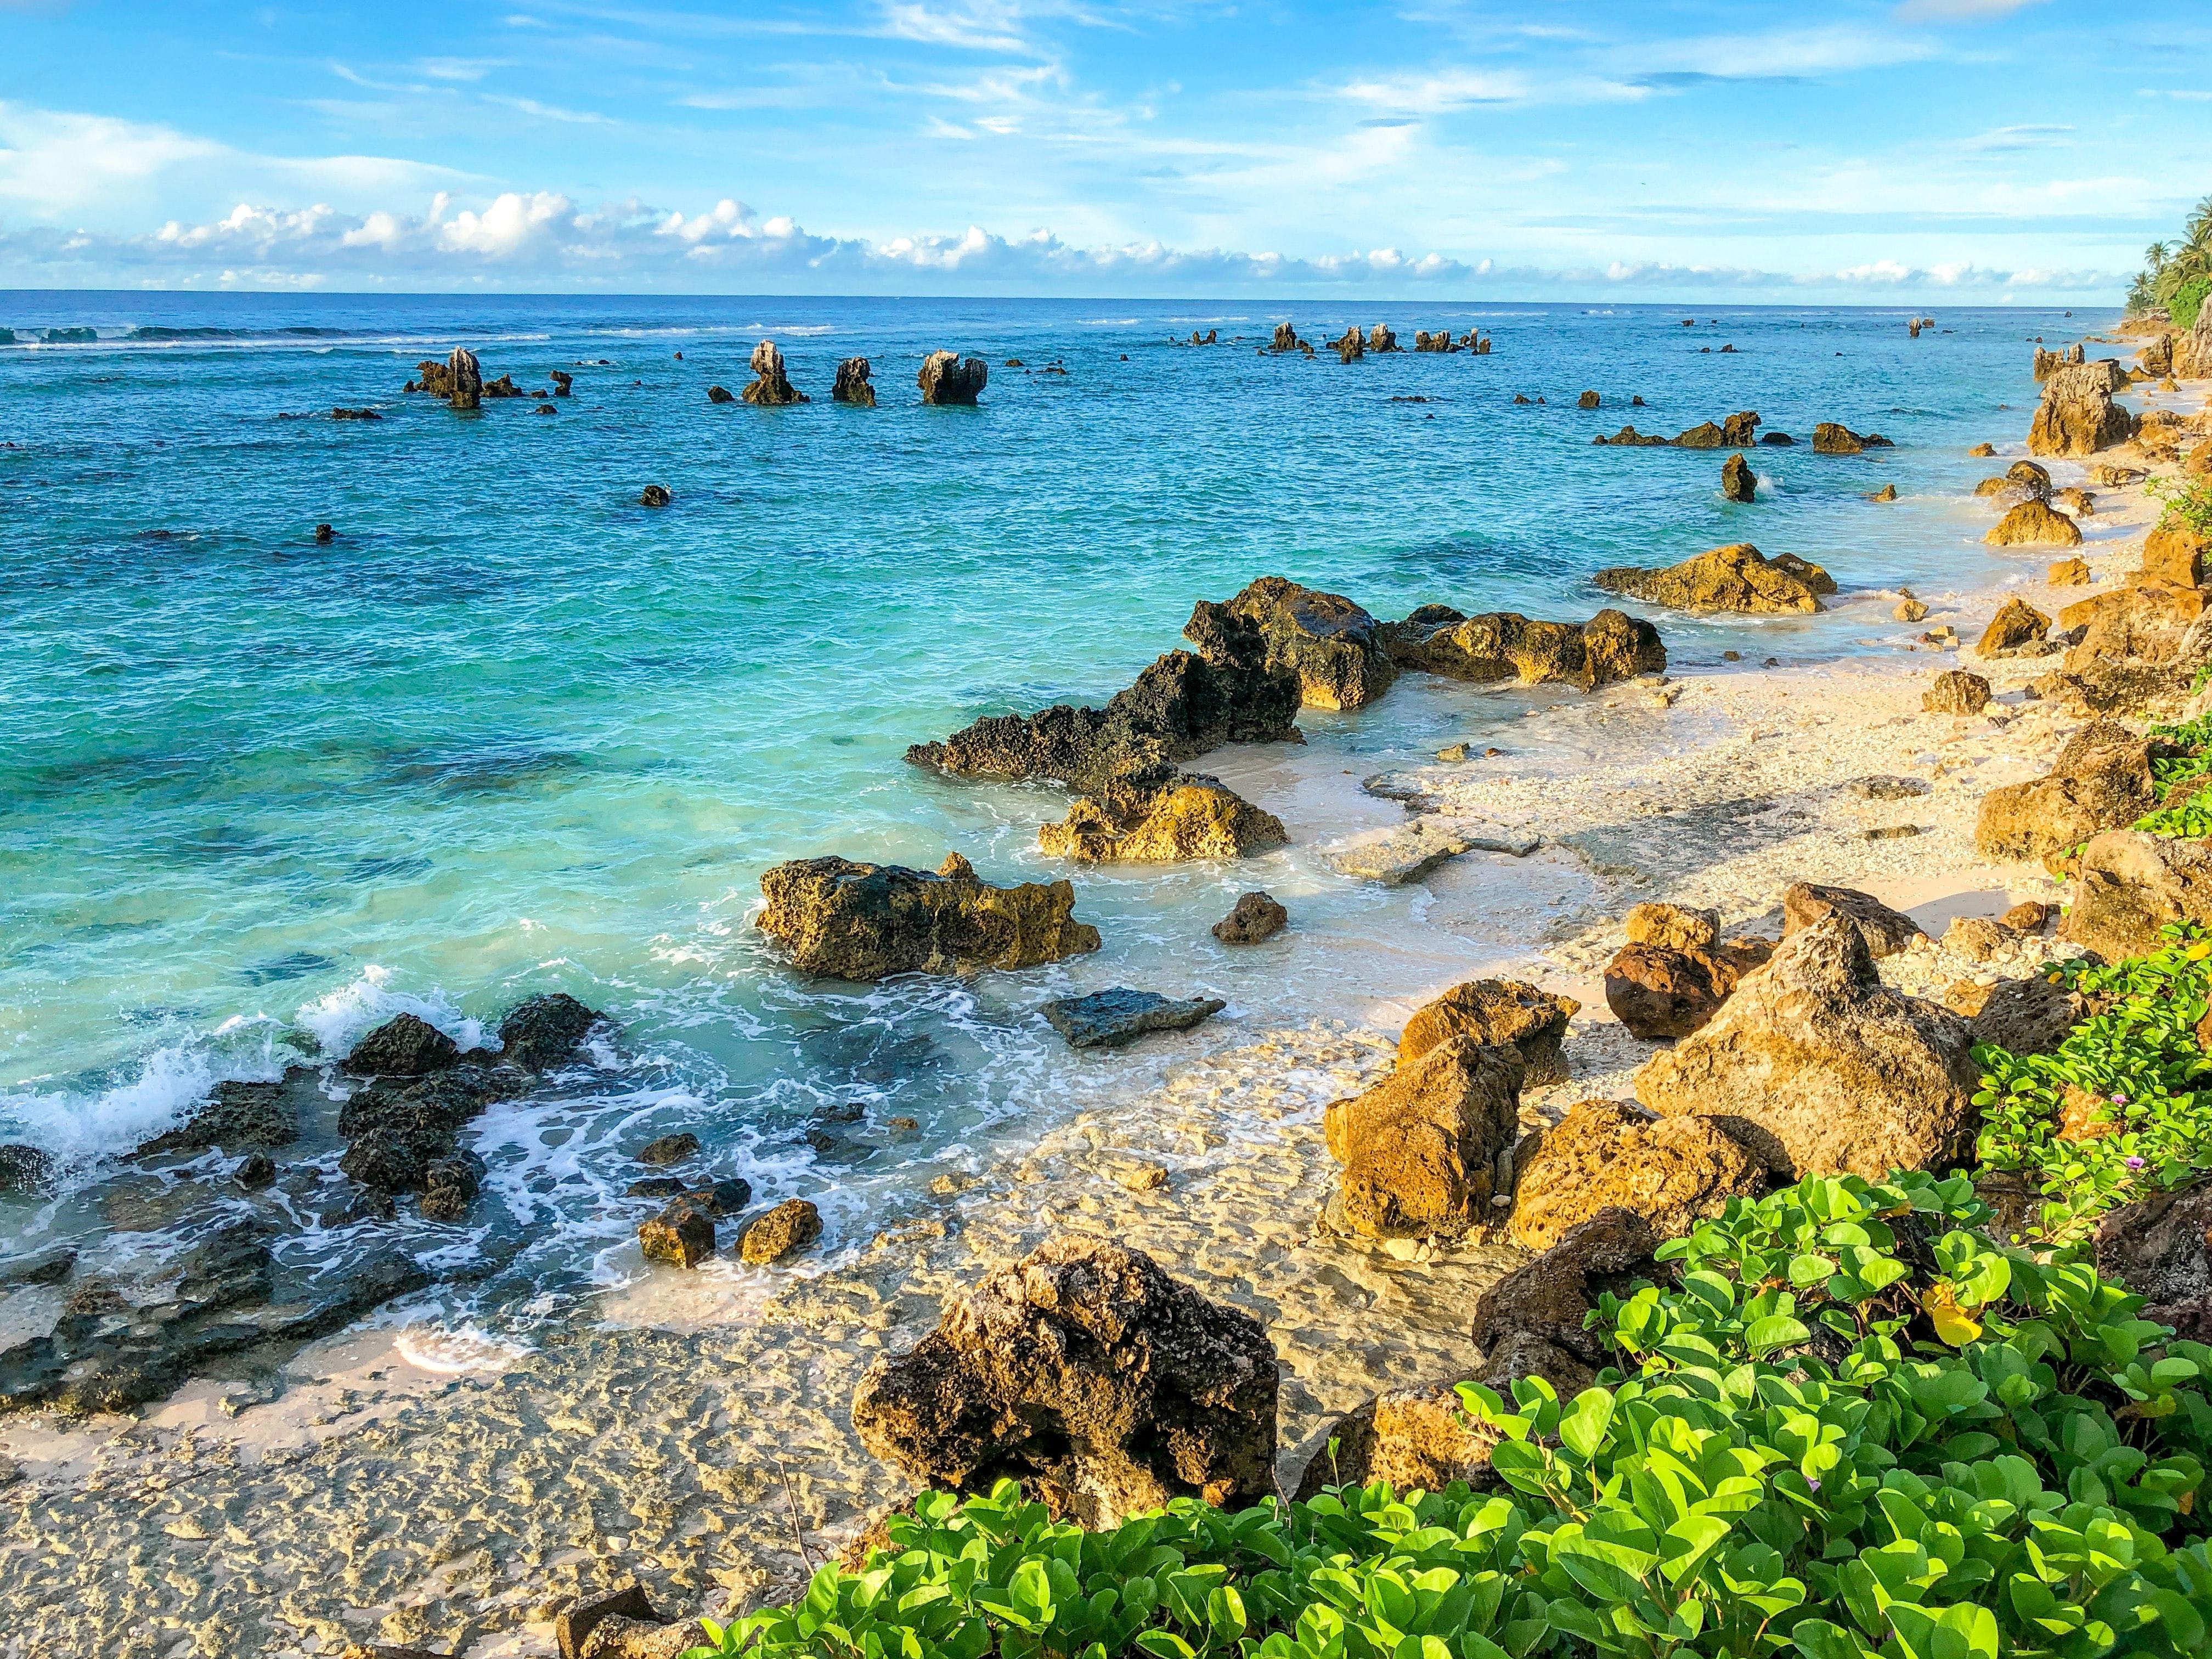 ナウルは世界3位の面積しかない小国!日本のどの島と同じ広さ?大きさや違いを解説!